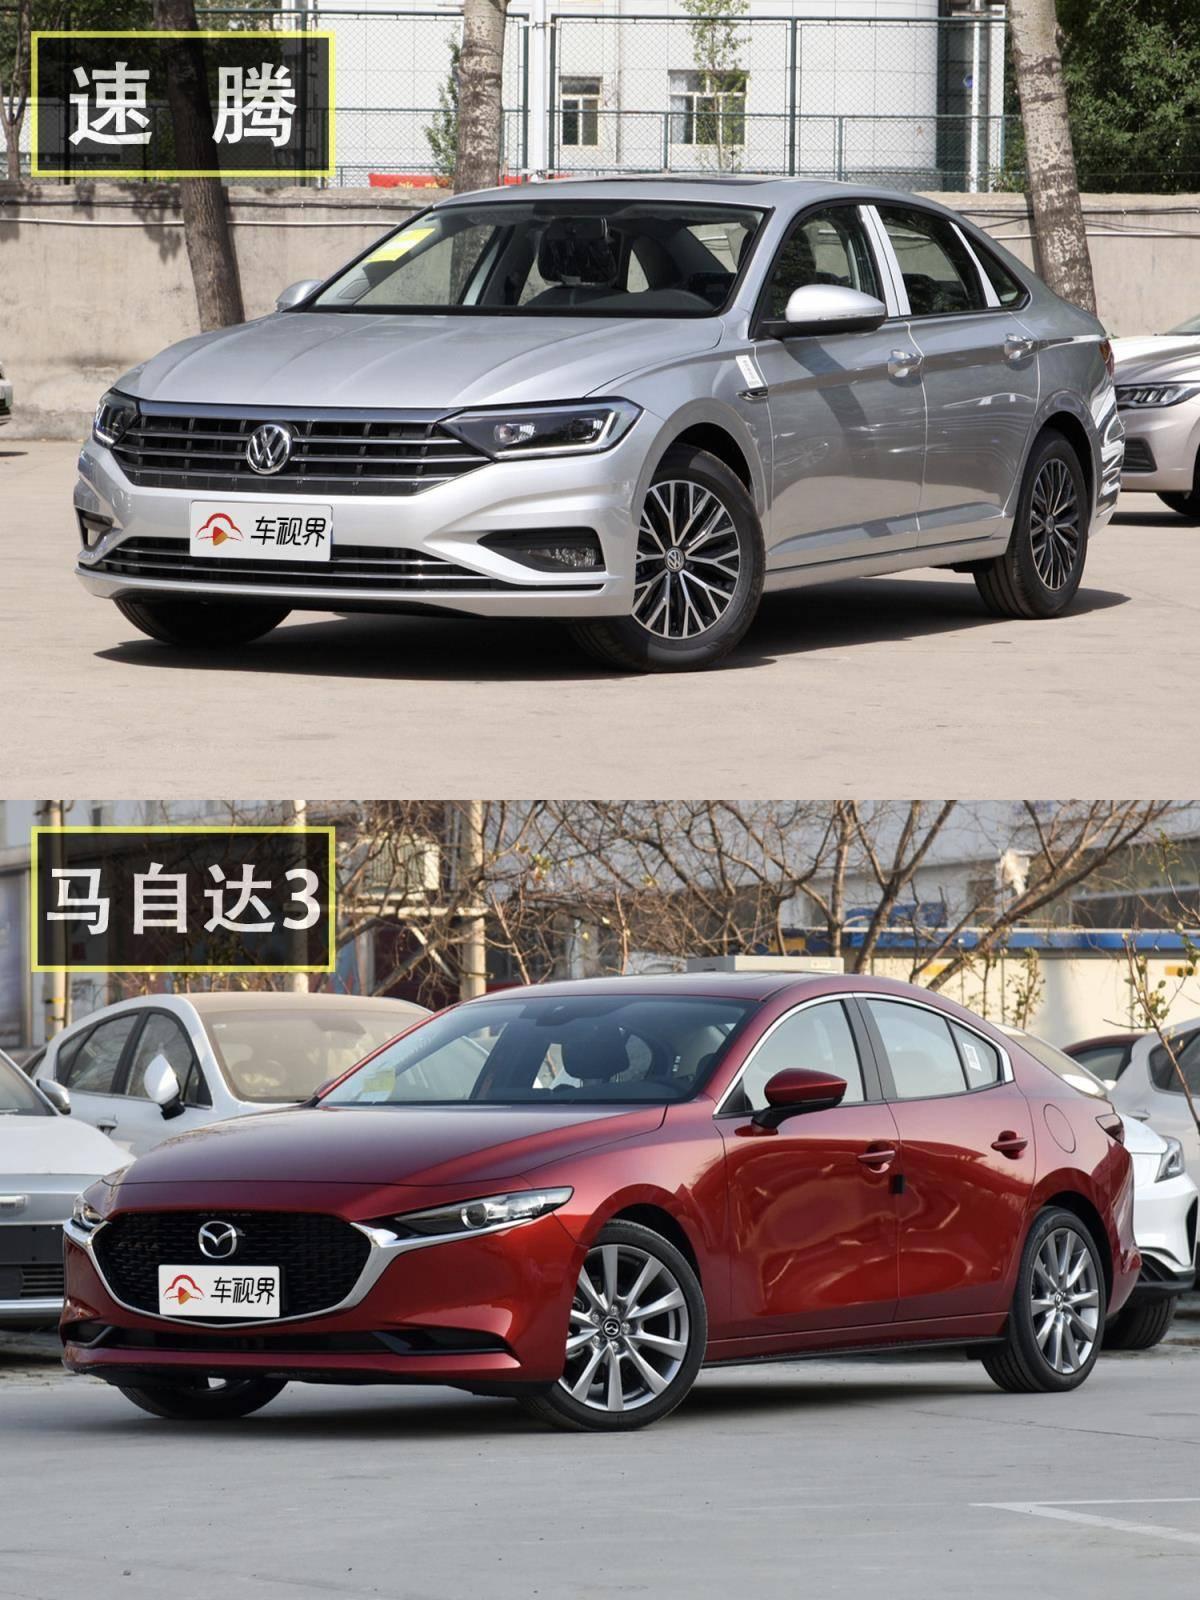 10多万最畅销的两款轿车!速腾和马自达3昂克赛拉到底该选谁?